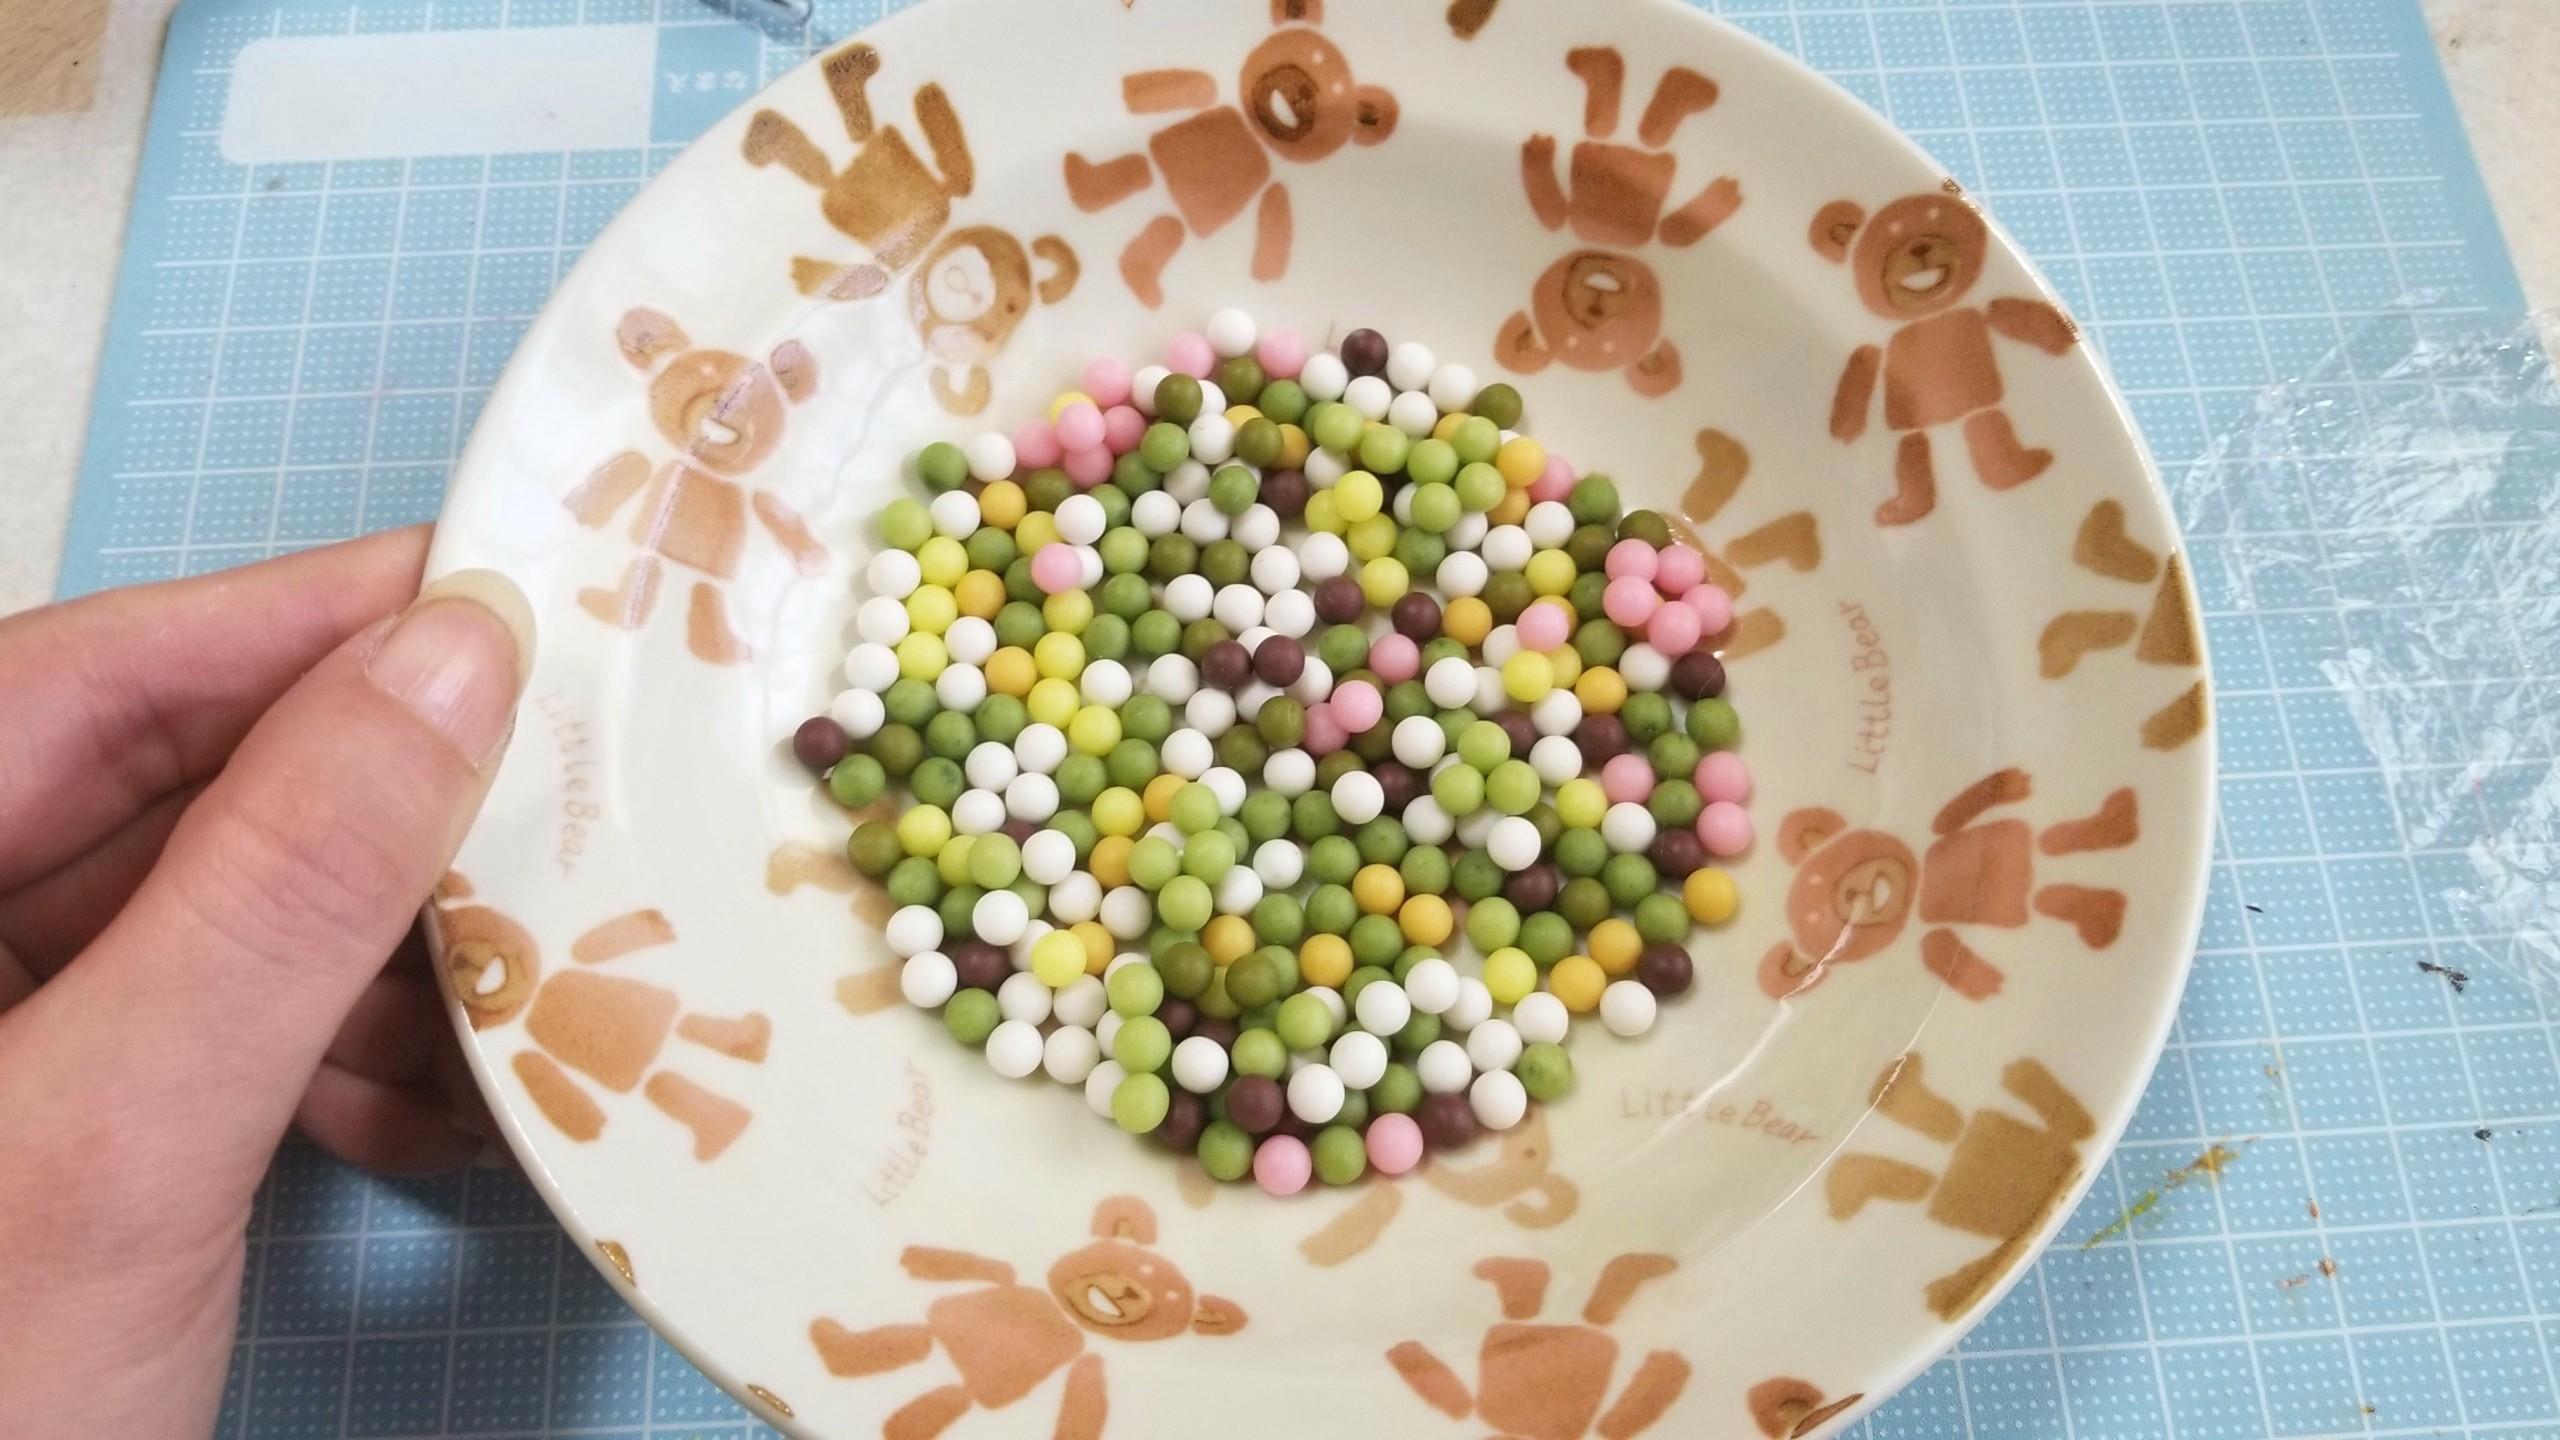 お団子,作り方,和菓子,ミニチュアフード,樹脂粘土,ドールハウス,和風